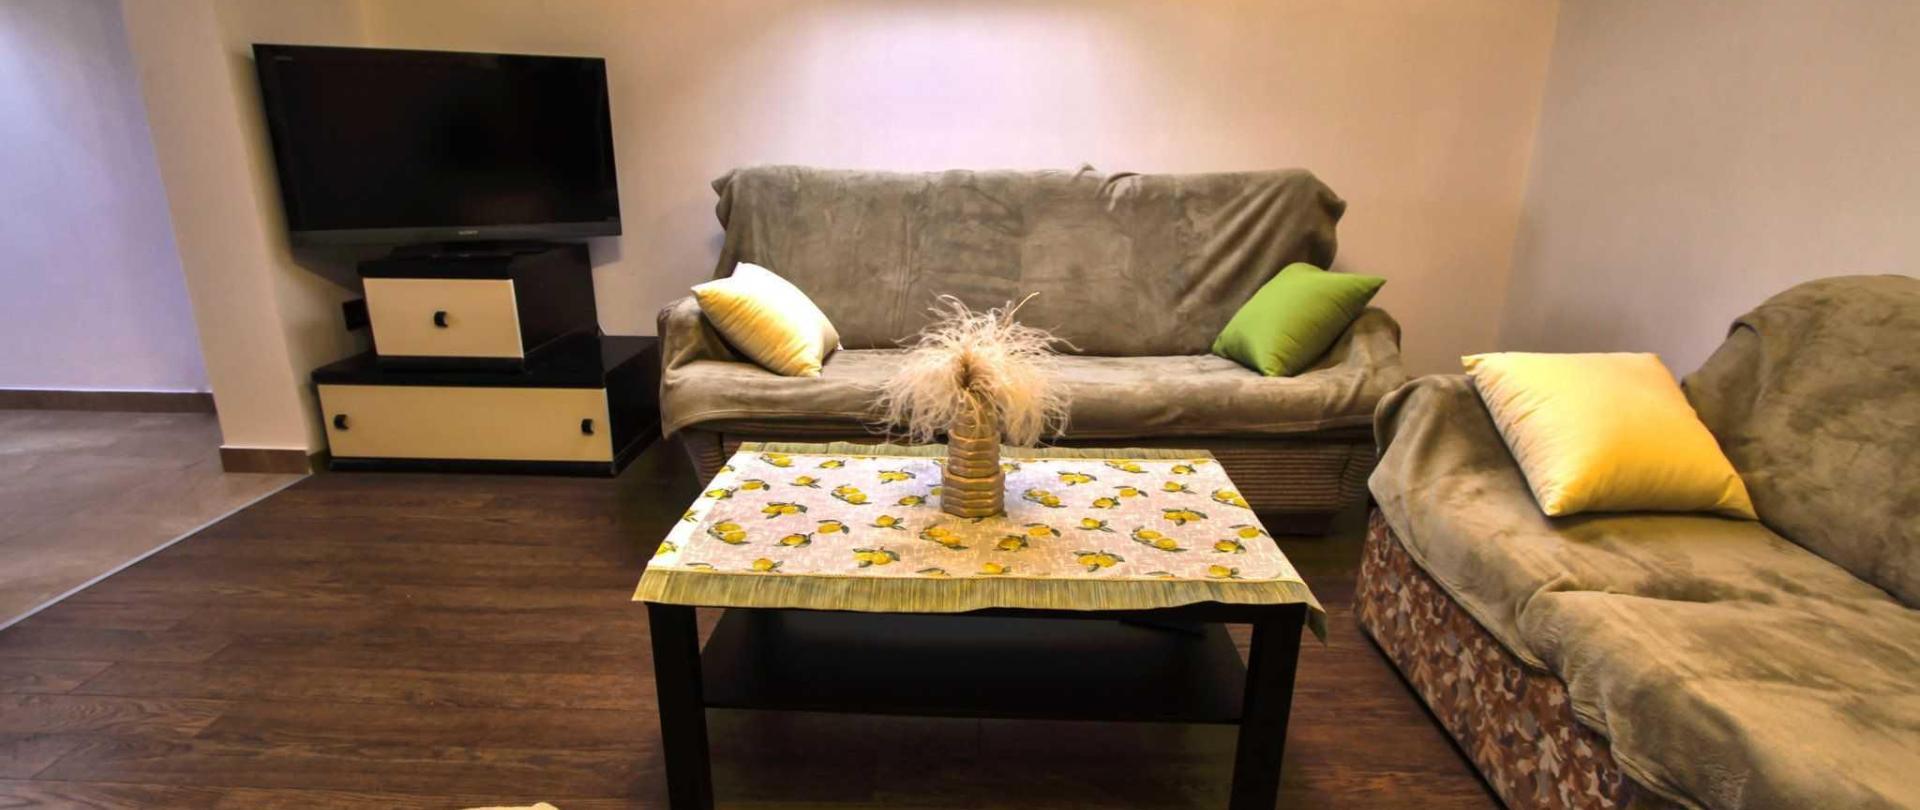 5_living_room-1.jpg